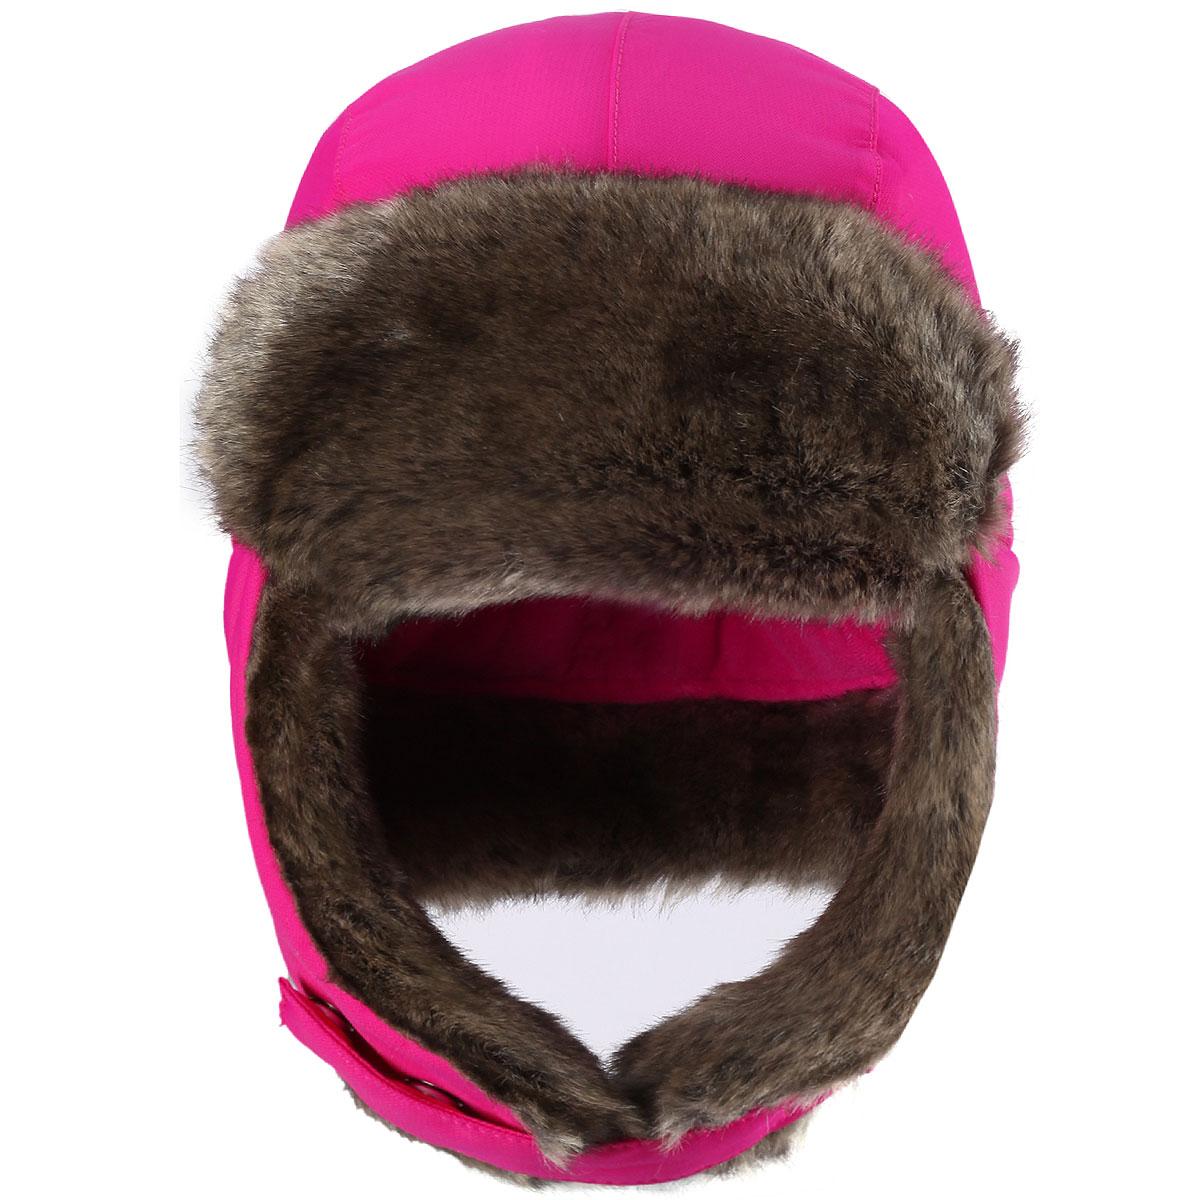 Шапка детская Alsafi. 518232A518232A_9990Комфортная зимняя детская шапка-ушанка Reimatec Alsafi идеально подойдет для прогулок в холодное время года. Шапочка изготовлена из водоотталкивающей и ветрозащитной ткани. Материал отличается высокой устойчивостью к трению, благодаря специальной обработке полиуретаном поверхность изделия отталкивает грязь и воду, что облегчает поддержание аккуратного вида шапки, дышащее покрытие с изнаночной части не раздражает даже самую нежную и чувствительную кожу ребенка, обеспечивая ему наибольший комфорт. Мягкая подкладка хорошо сохраняет тепло и обладает отличной гигроскопичностью (не впитывает влагу, но проводит ее). Ушки и козырек изготовлены из искусственного меха. На ушках имеется хлястик с кнопками, позволяющий зафиксировать шапку под подбородком. Козырек фиксируется при помощи липучки. Все швы проклеены для обеспечения водонепроницаемости. На затылке изделие дополнено светоотражающим элементом. Подходит для горнолыжного спорта. Средняя степень утепления. Идеально...